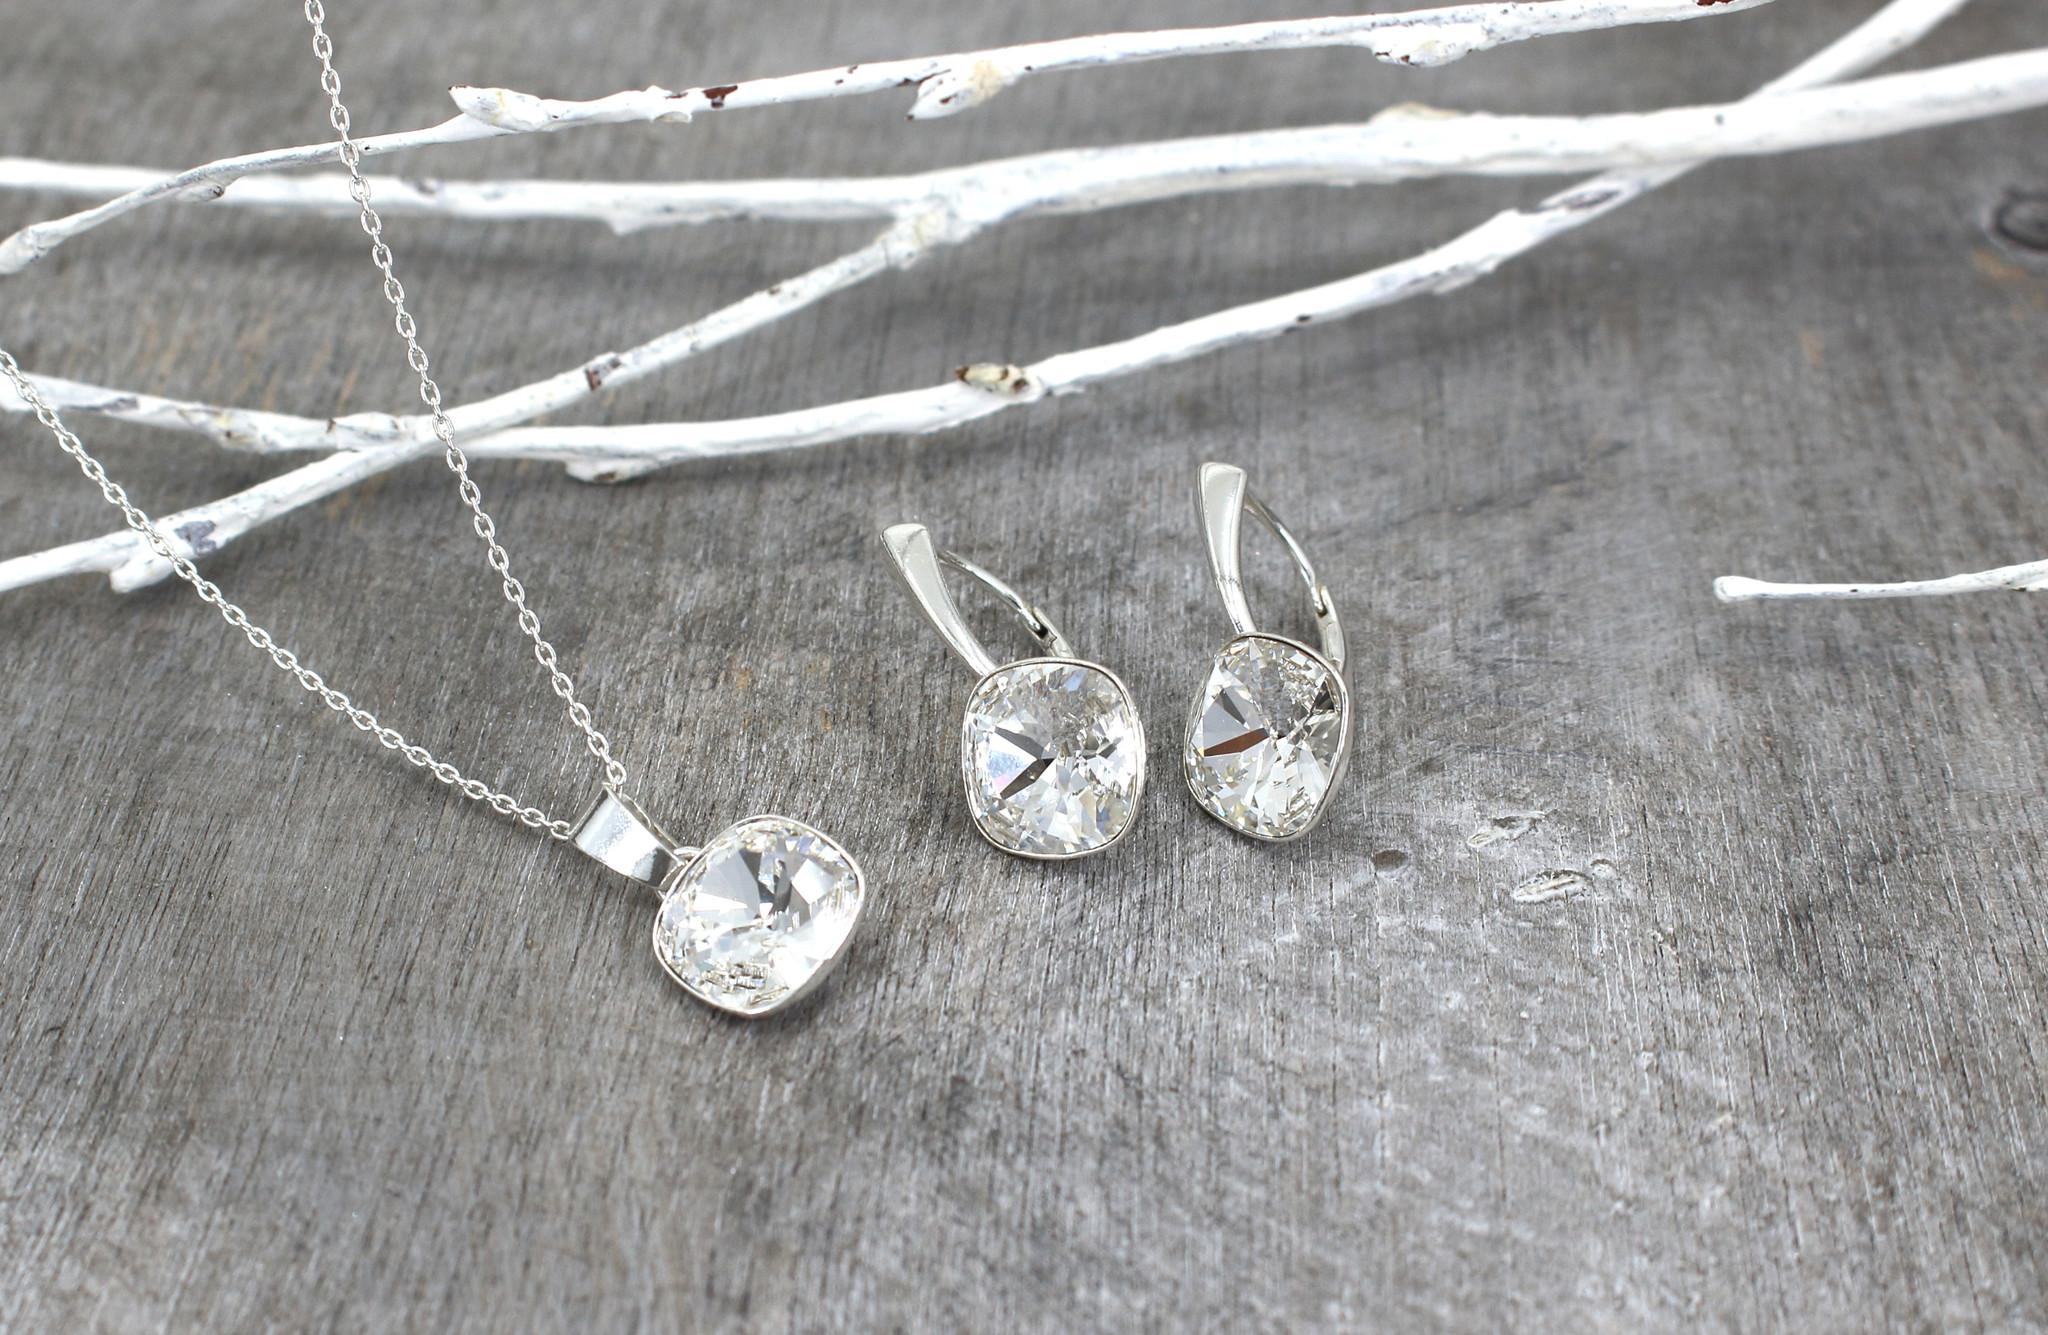 ARLIZI Jewelry 925 sterling silver drop earrings